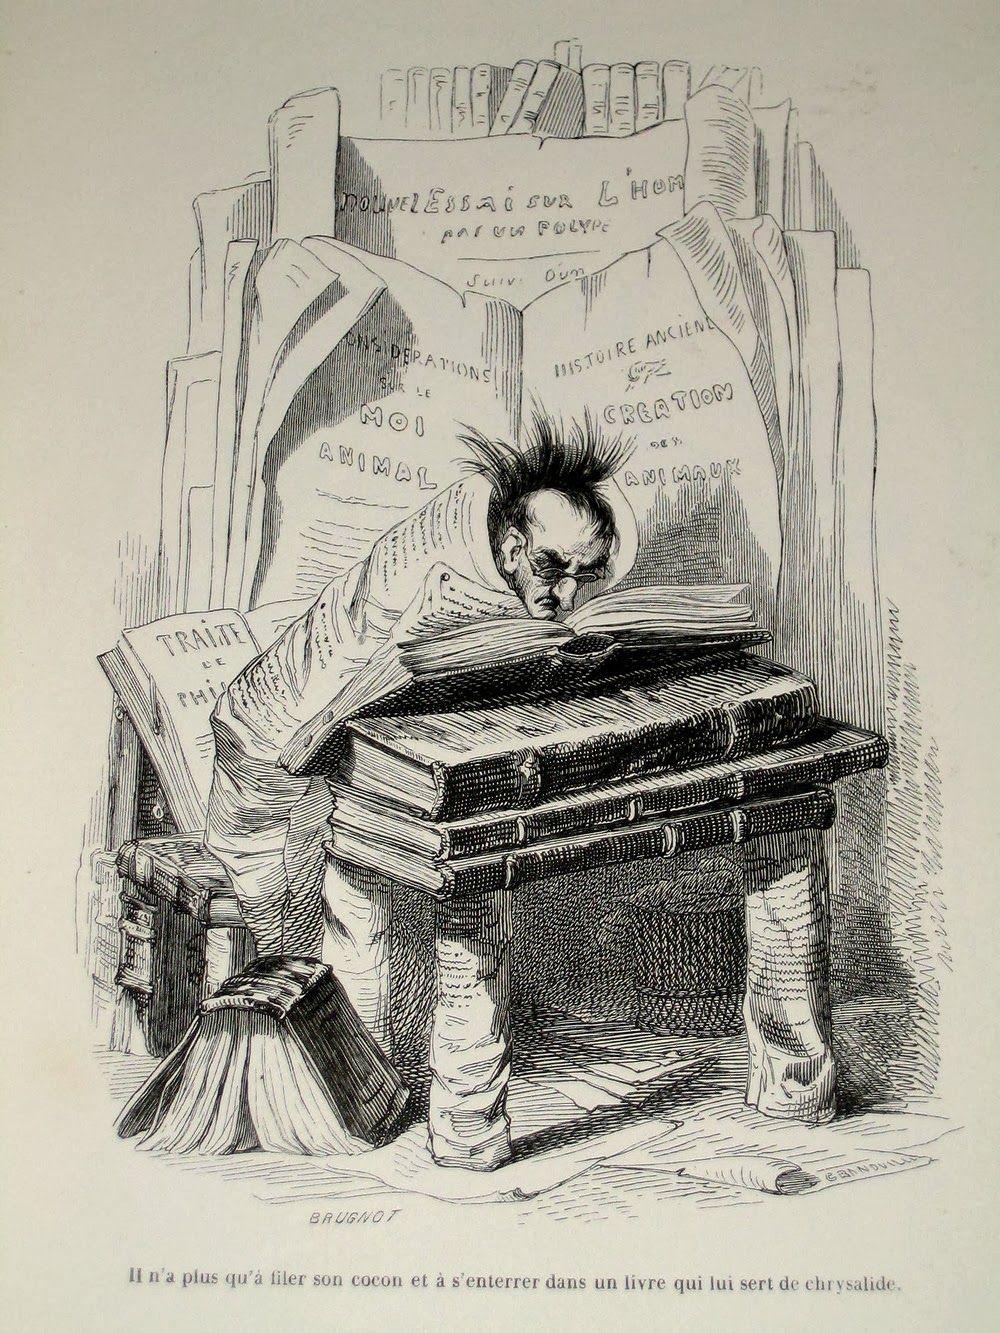 monteverdelegge: I libri. Malattie e perversioni